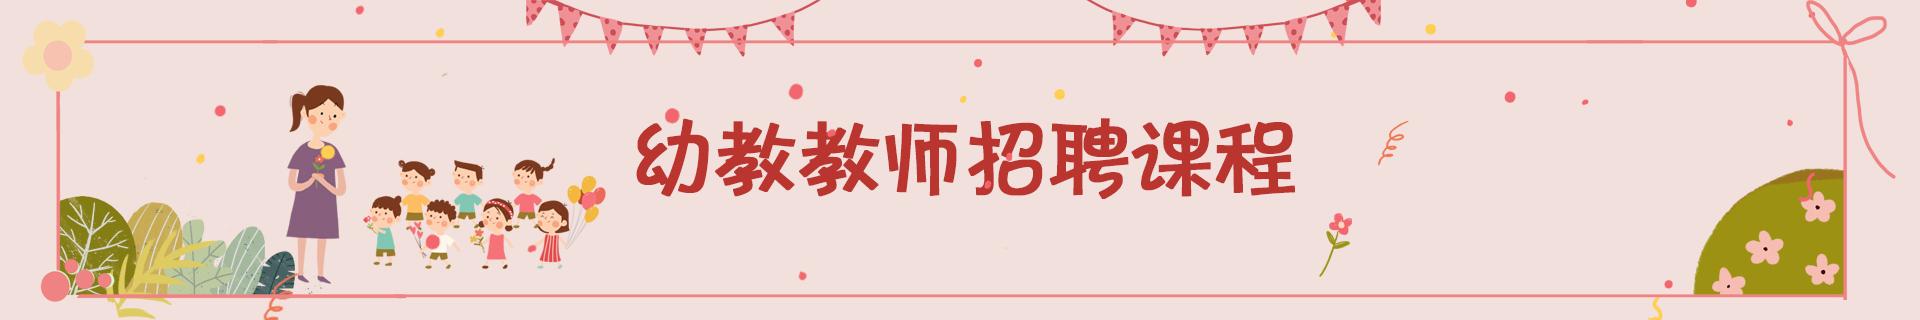 广州天河区敏试教育培训机构